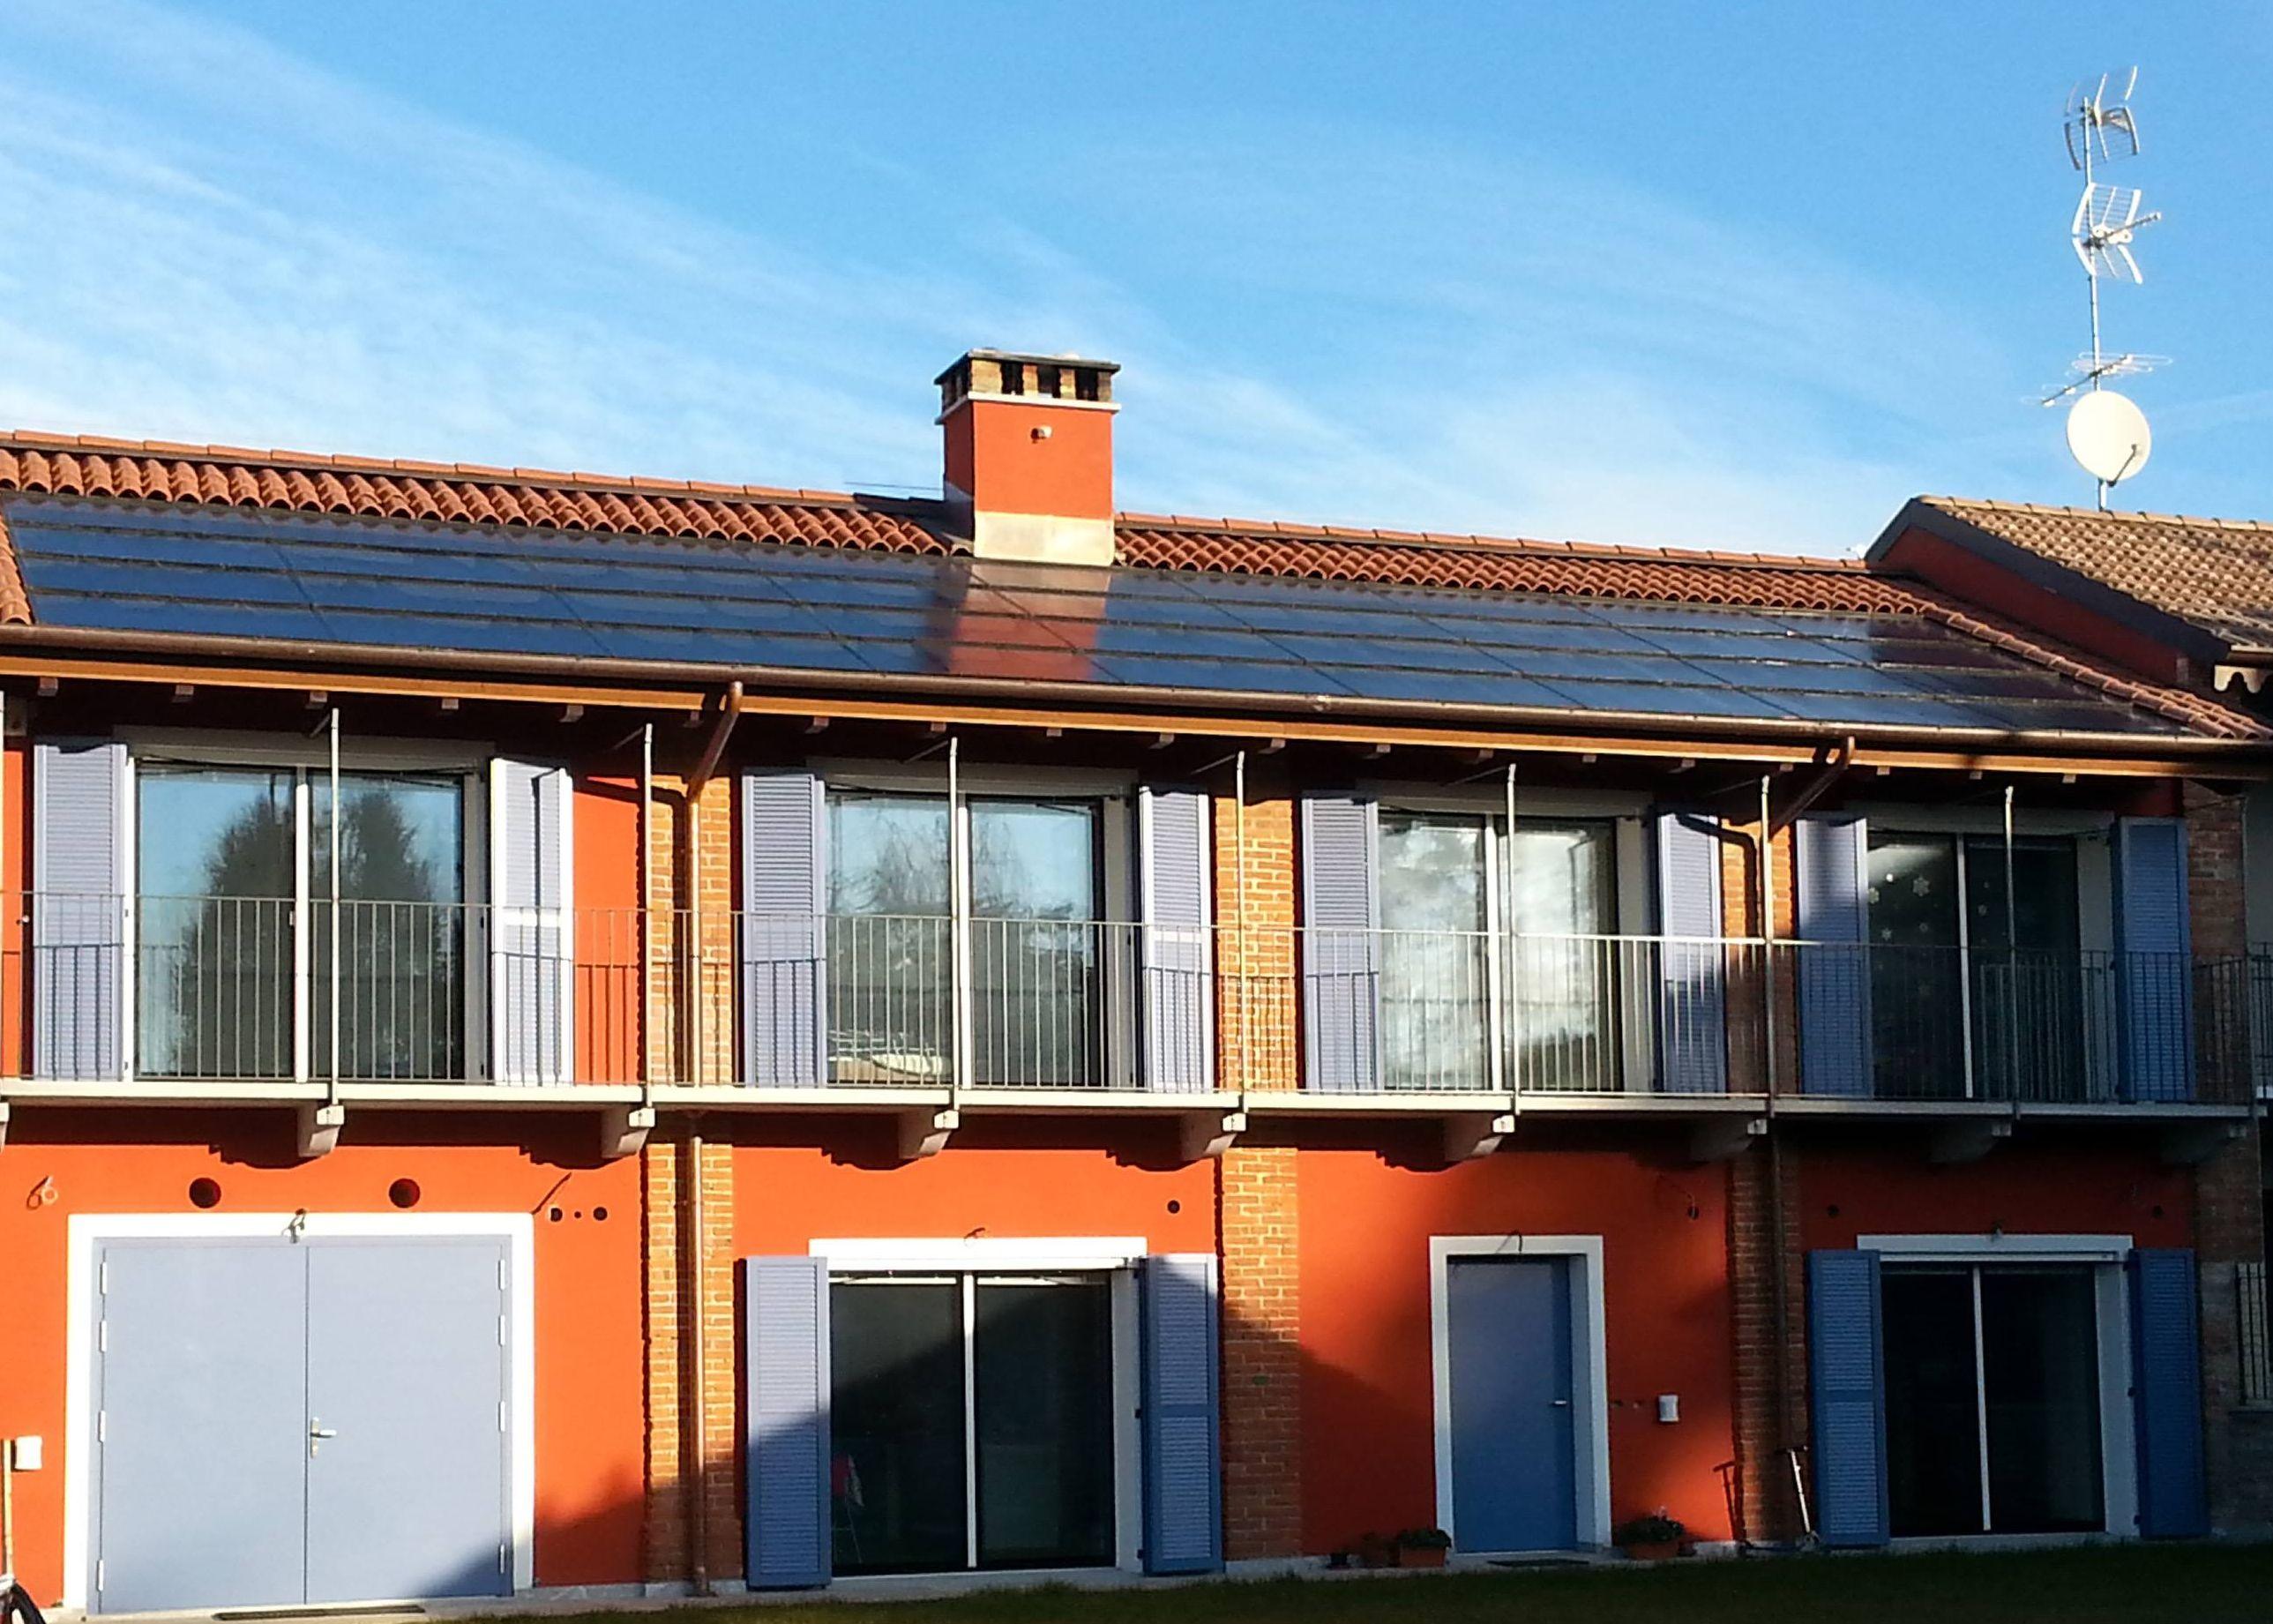 Perché scegliere la domotica per avere una casa moderna